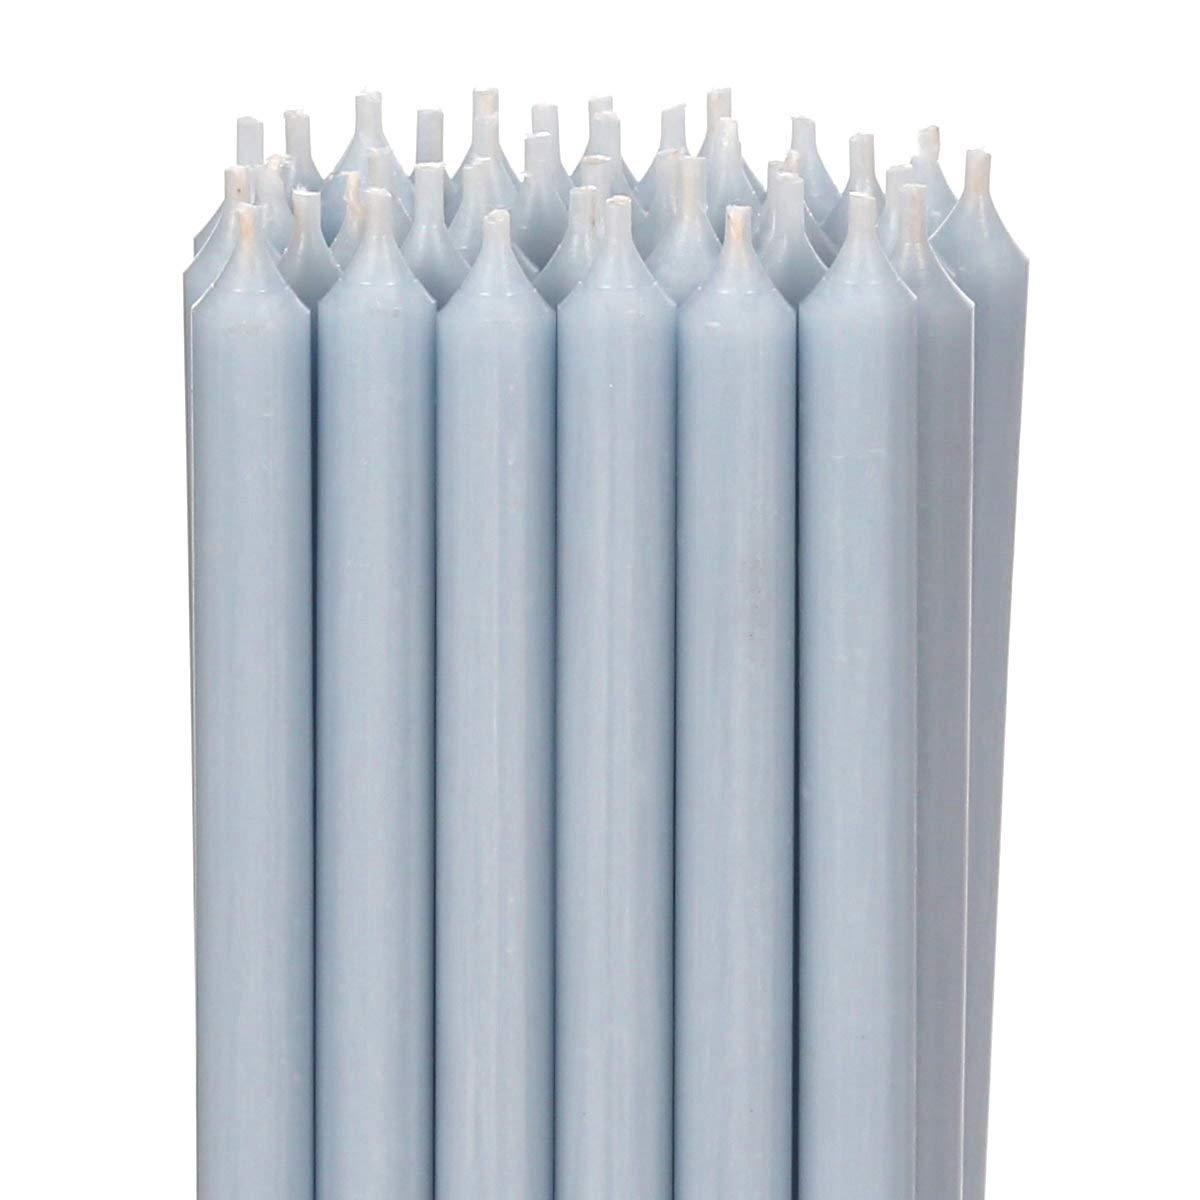 B/ütic GmbH Candele Colorate 250 mm x 13 mm combustione Senza residui. Candele Altamente pulite